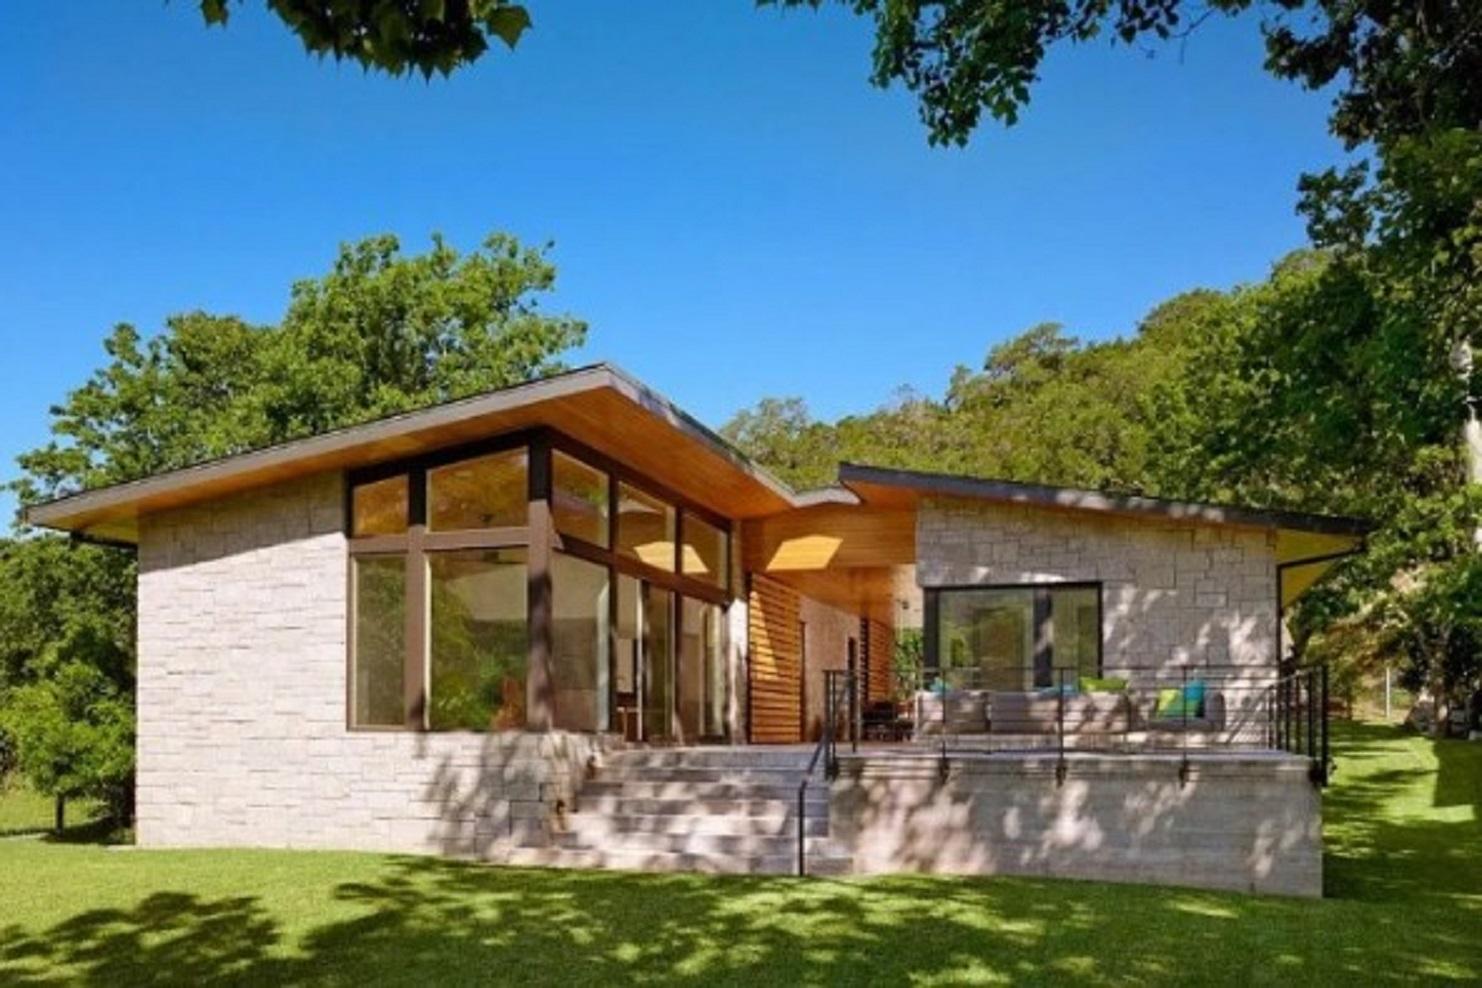 Desain Rumah Minimalis Sederhana dengan Sentuhan Batu Alam